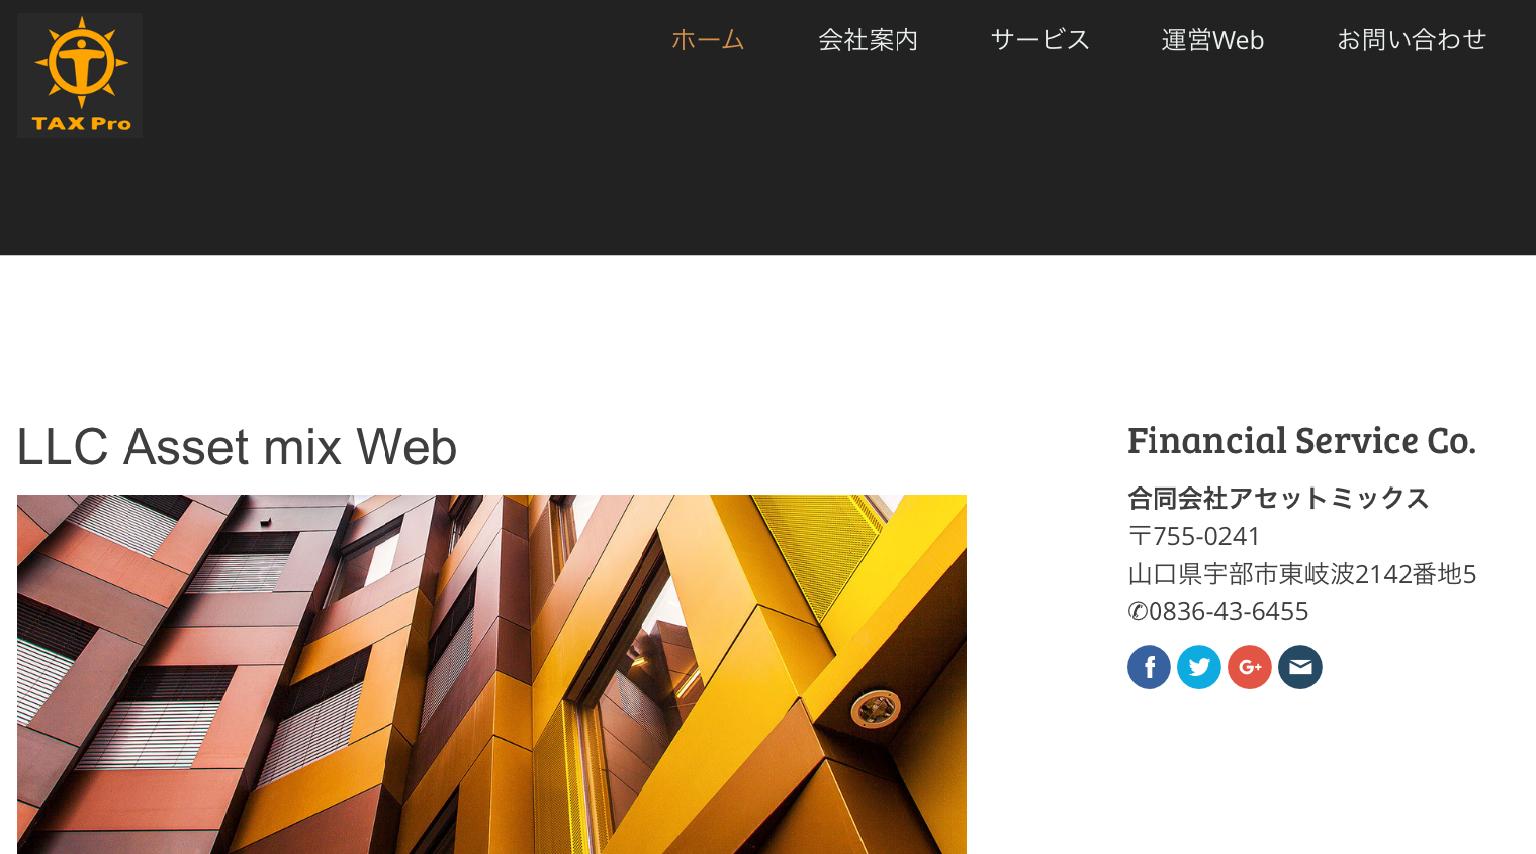 グループ法人サイト